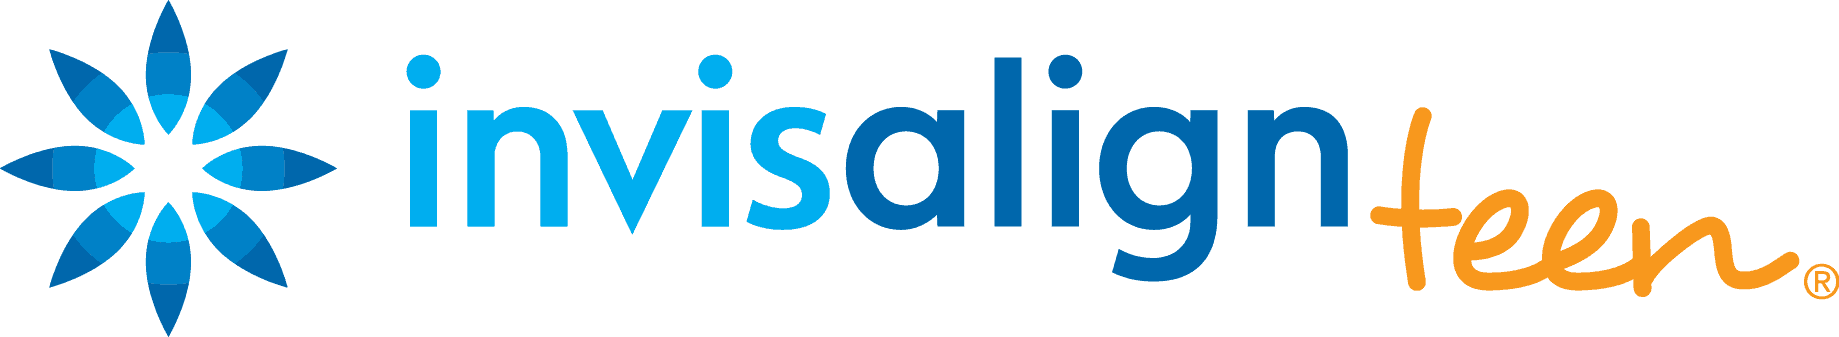 Invisalign Teen logo 2017 - Invisalign and Invisalign Teen